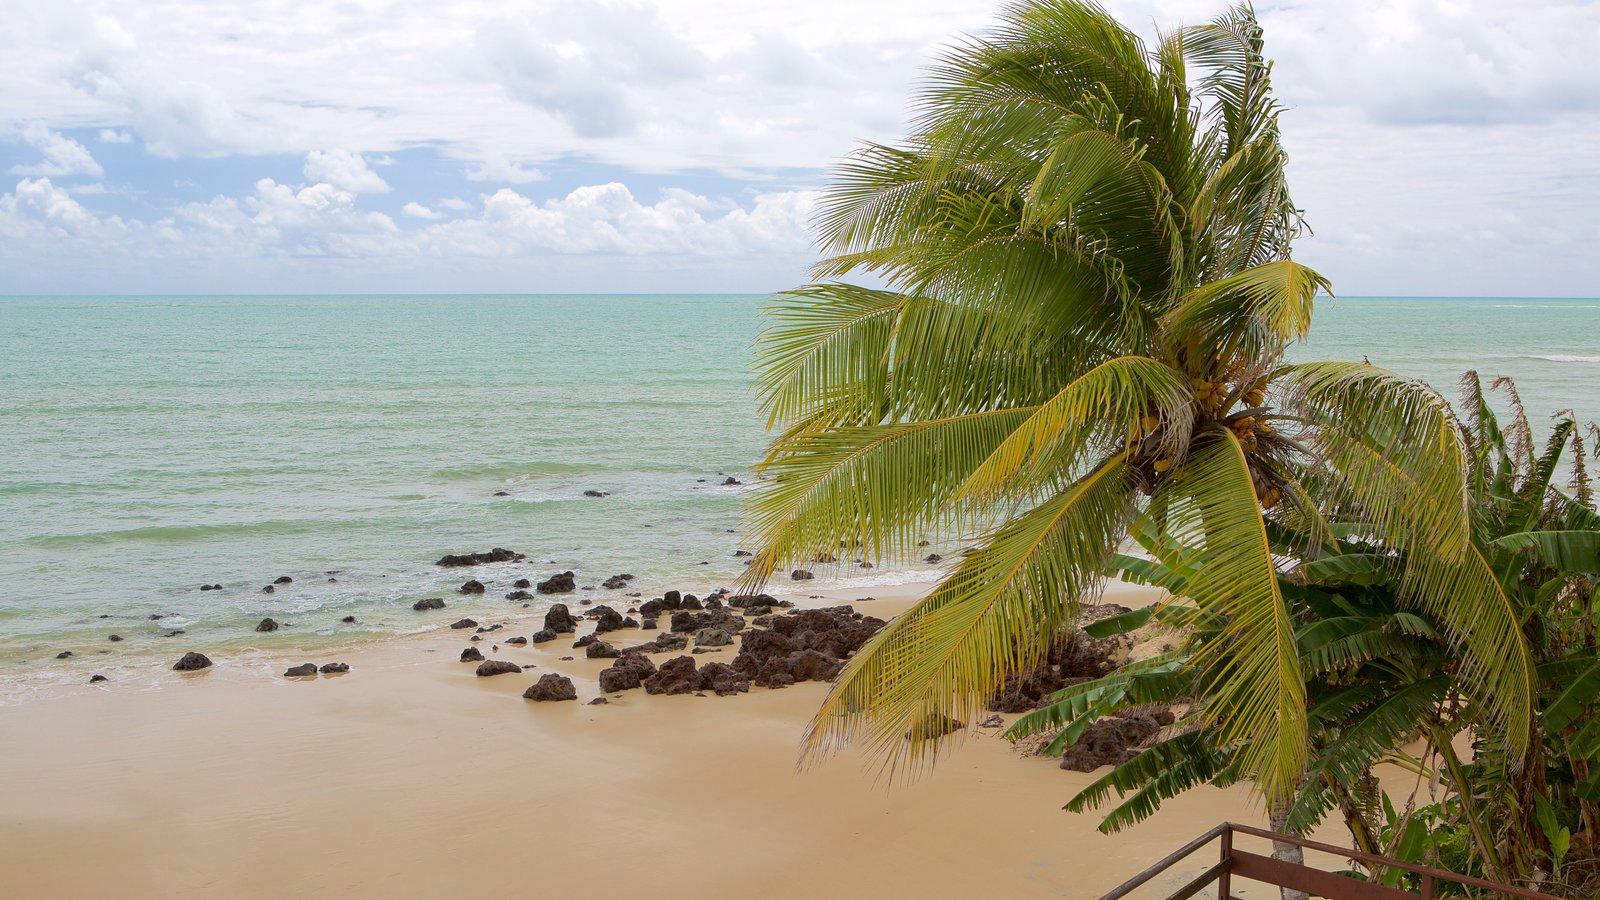 Praia de Pirangi que inclui uma praia, cenas tropicais e paisagens litorâneas